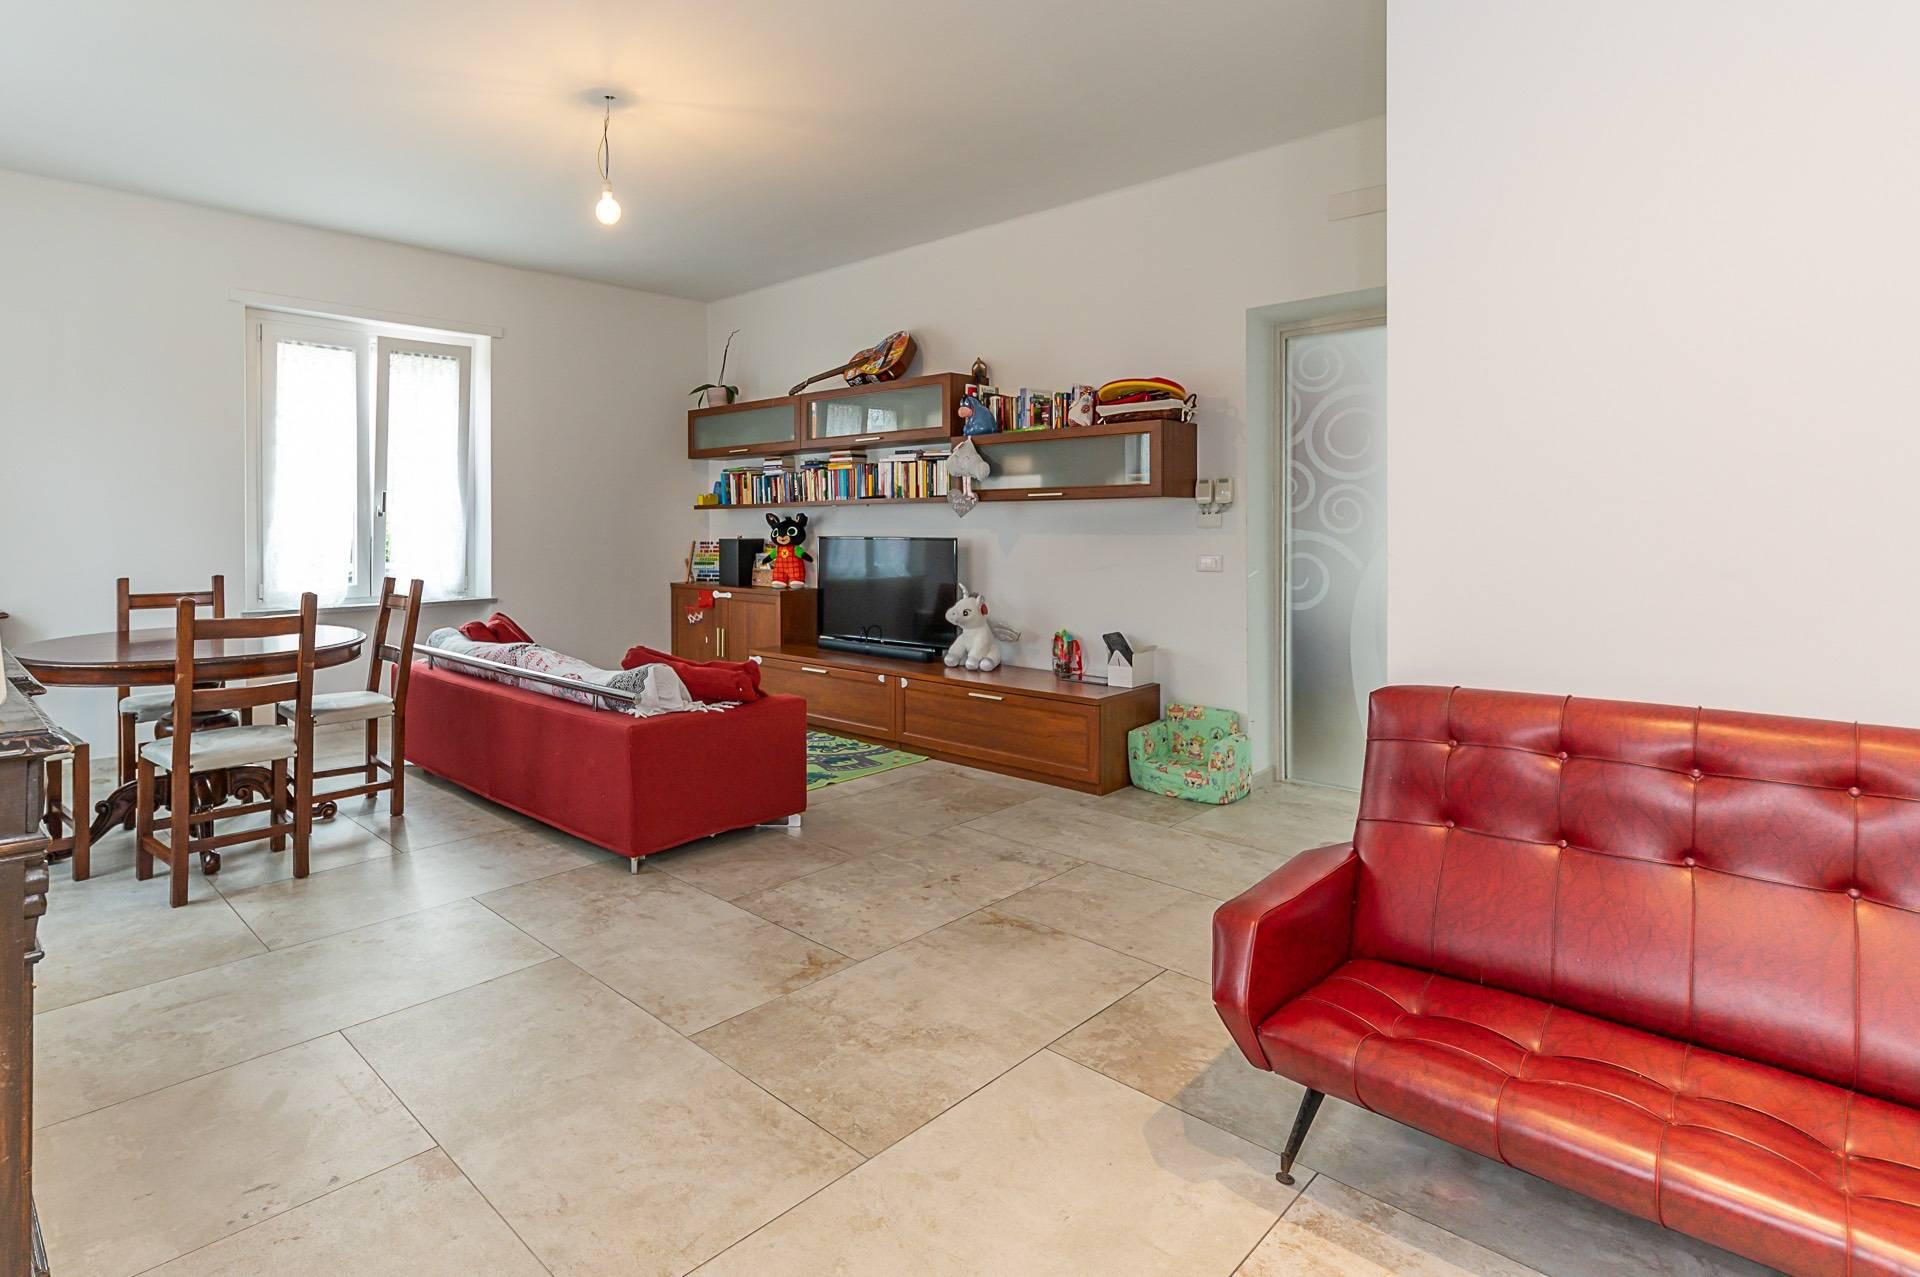 Appartamento in vendita a Rivoli, 6 locali, prezzo € 360.000 | PortaleAgenzieImmobiliari.it